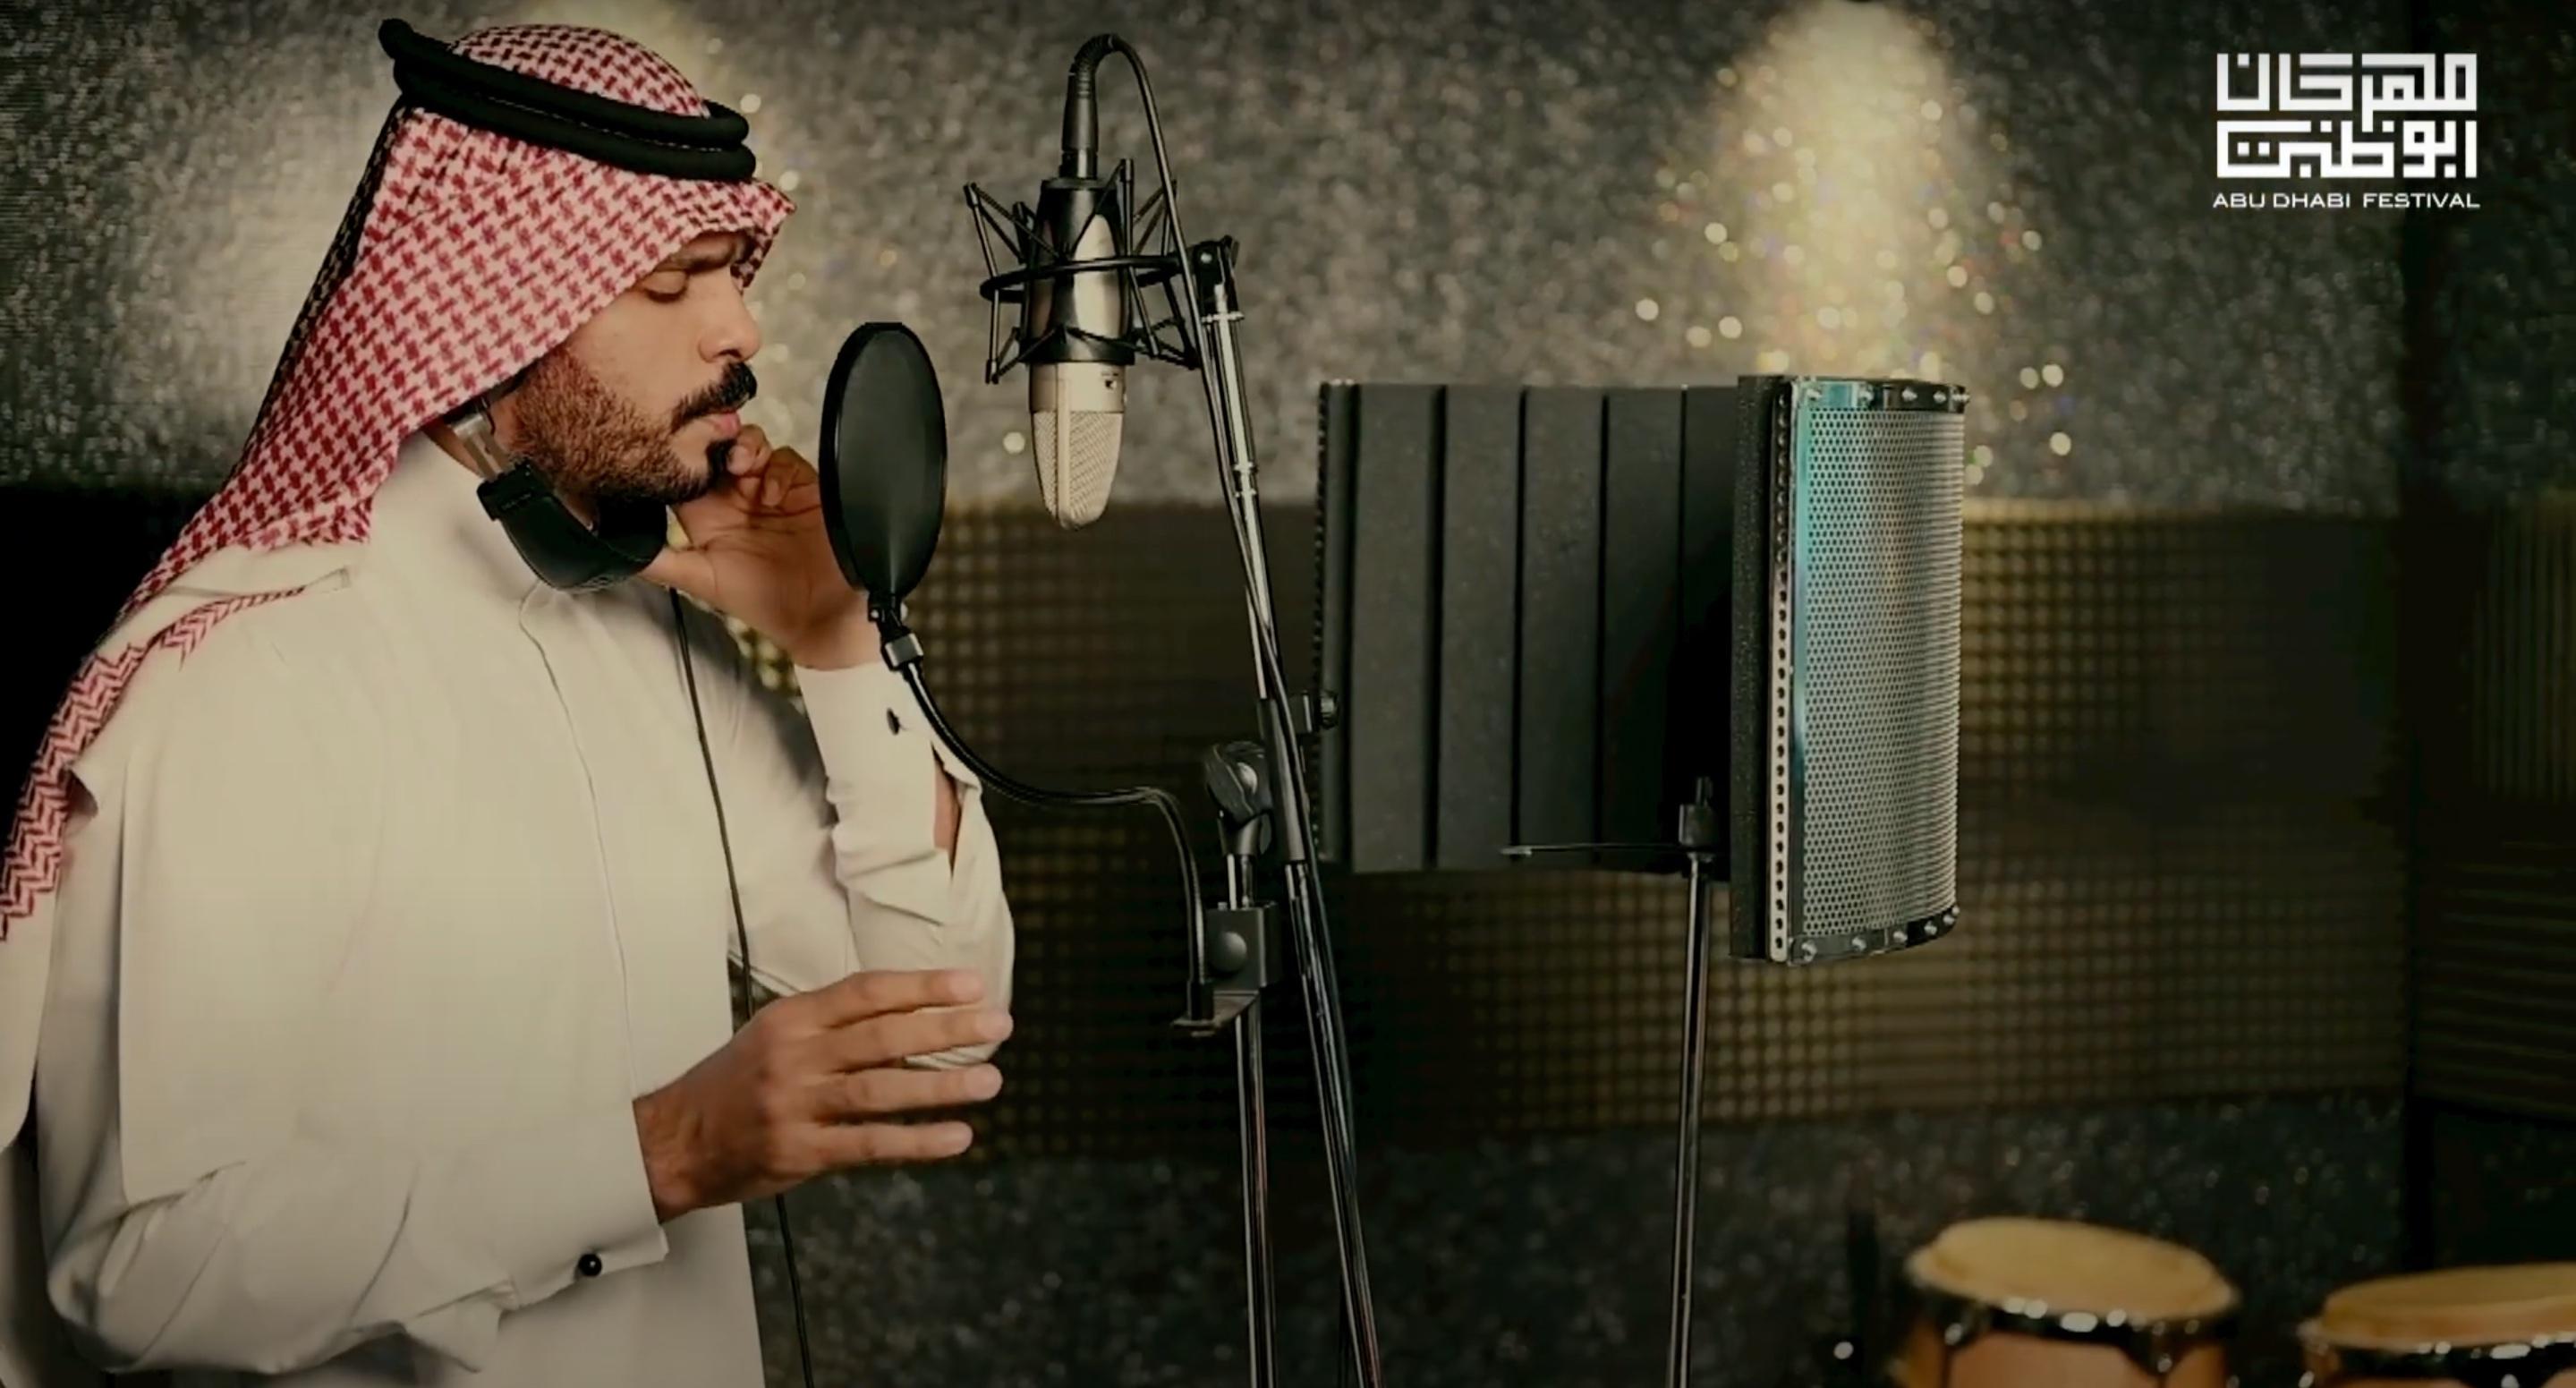 مهرجان أبوظبي يفتتح أمسياته الرمضانية مع عمل «وجْد» للتينور السعودي مروان فقي